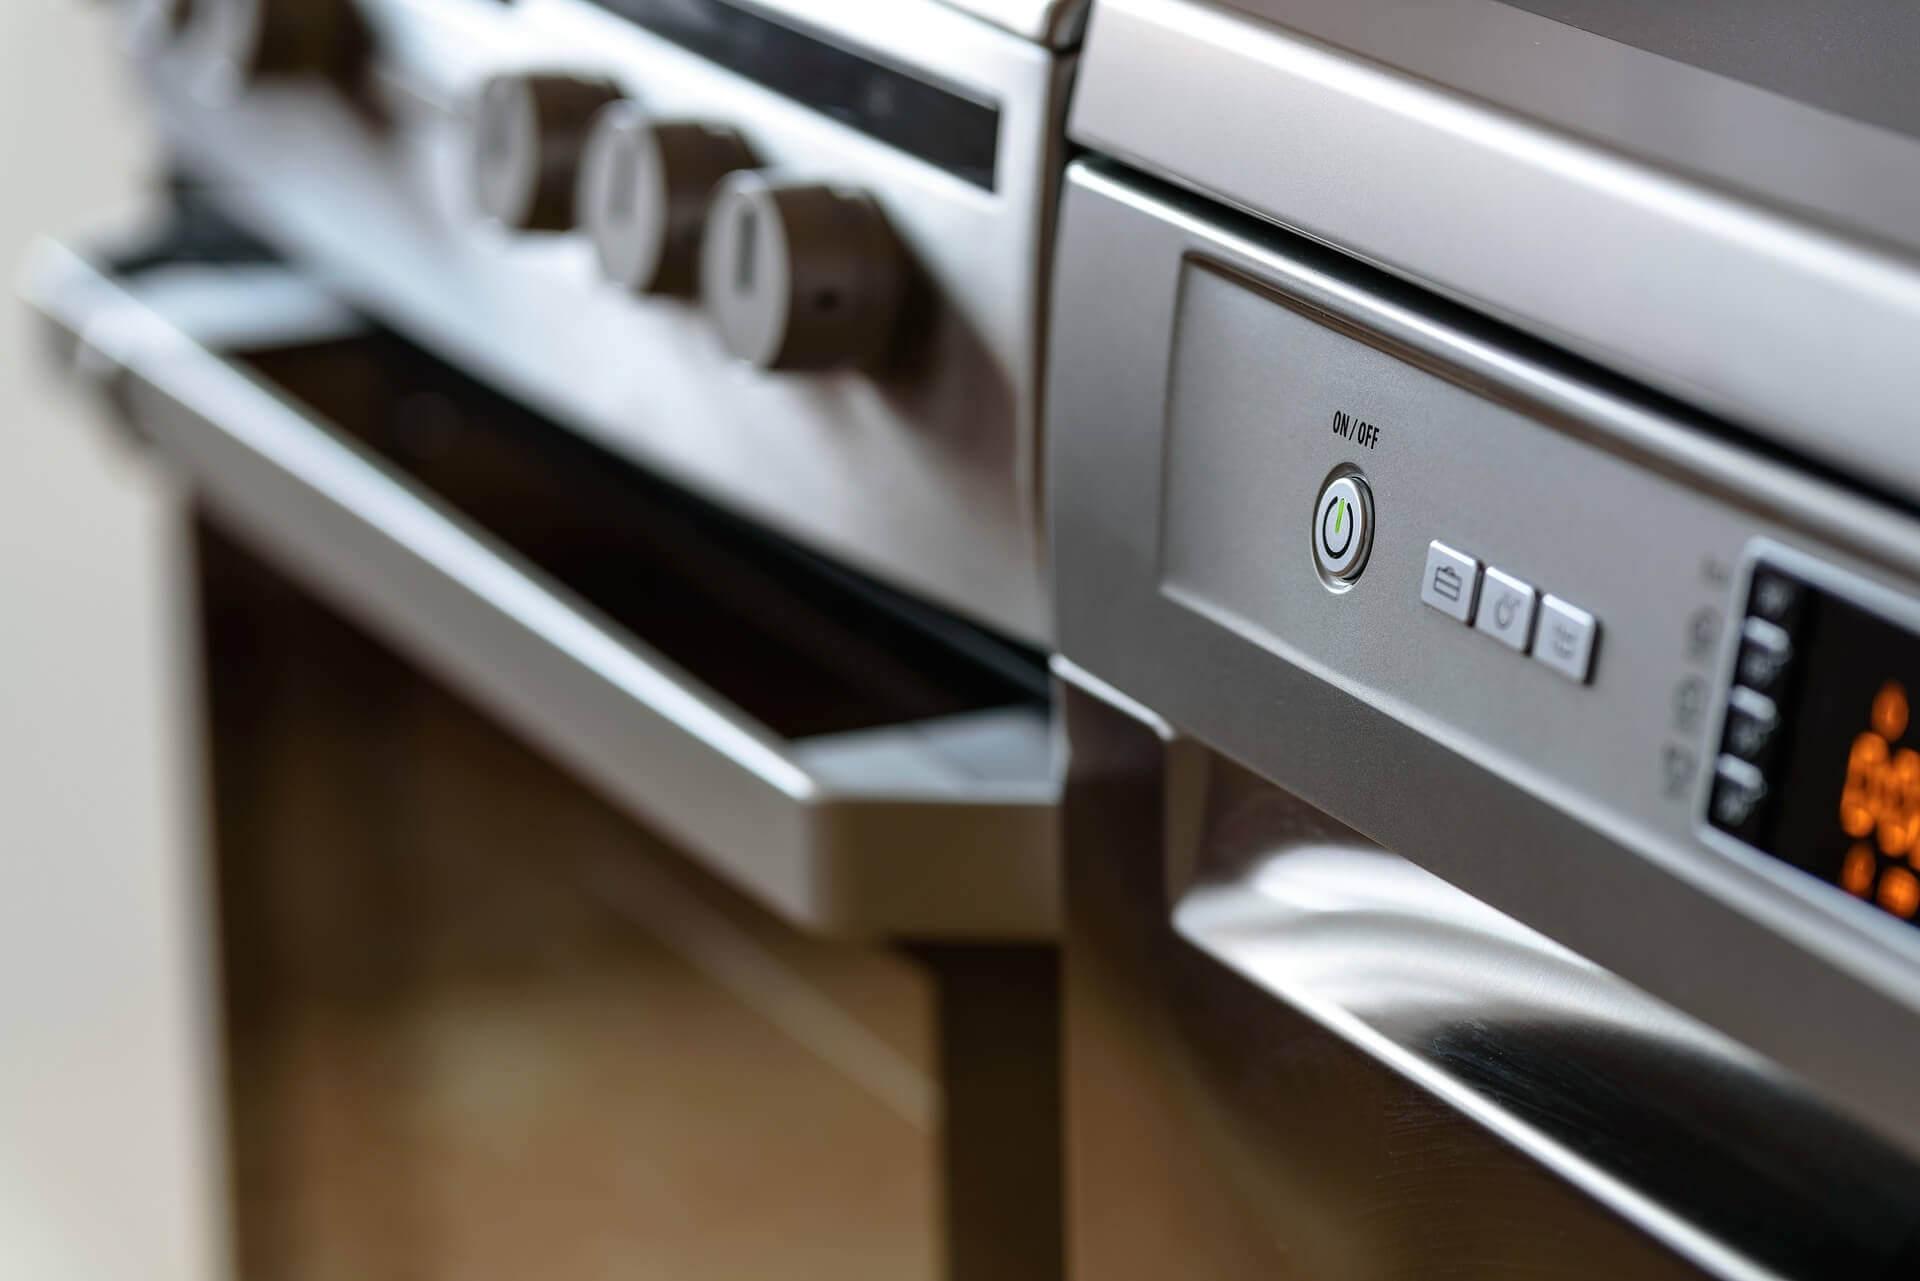 Zmywarka Czy Zlewozmywak Co Lepiej Sprawdza Się W Kuchni